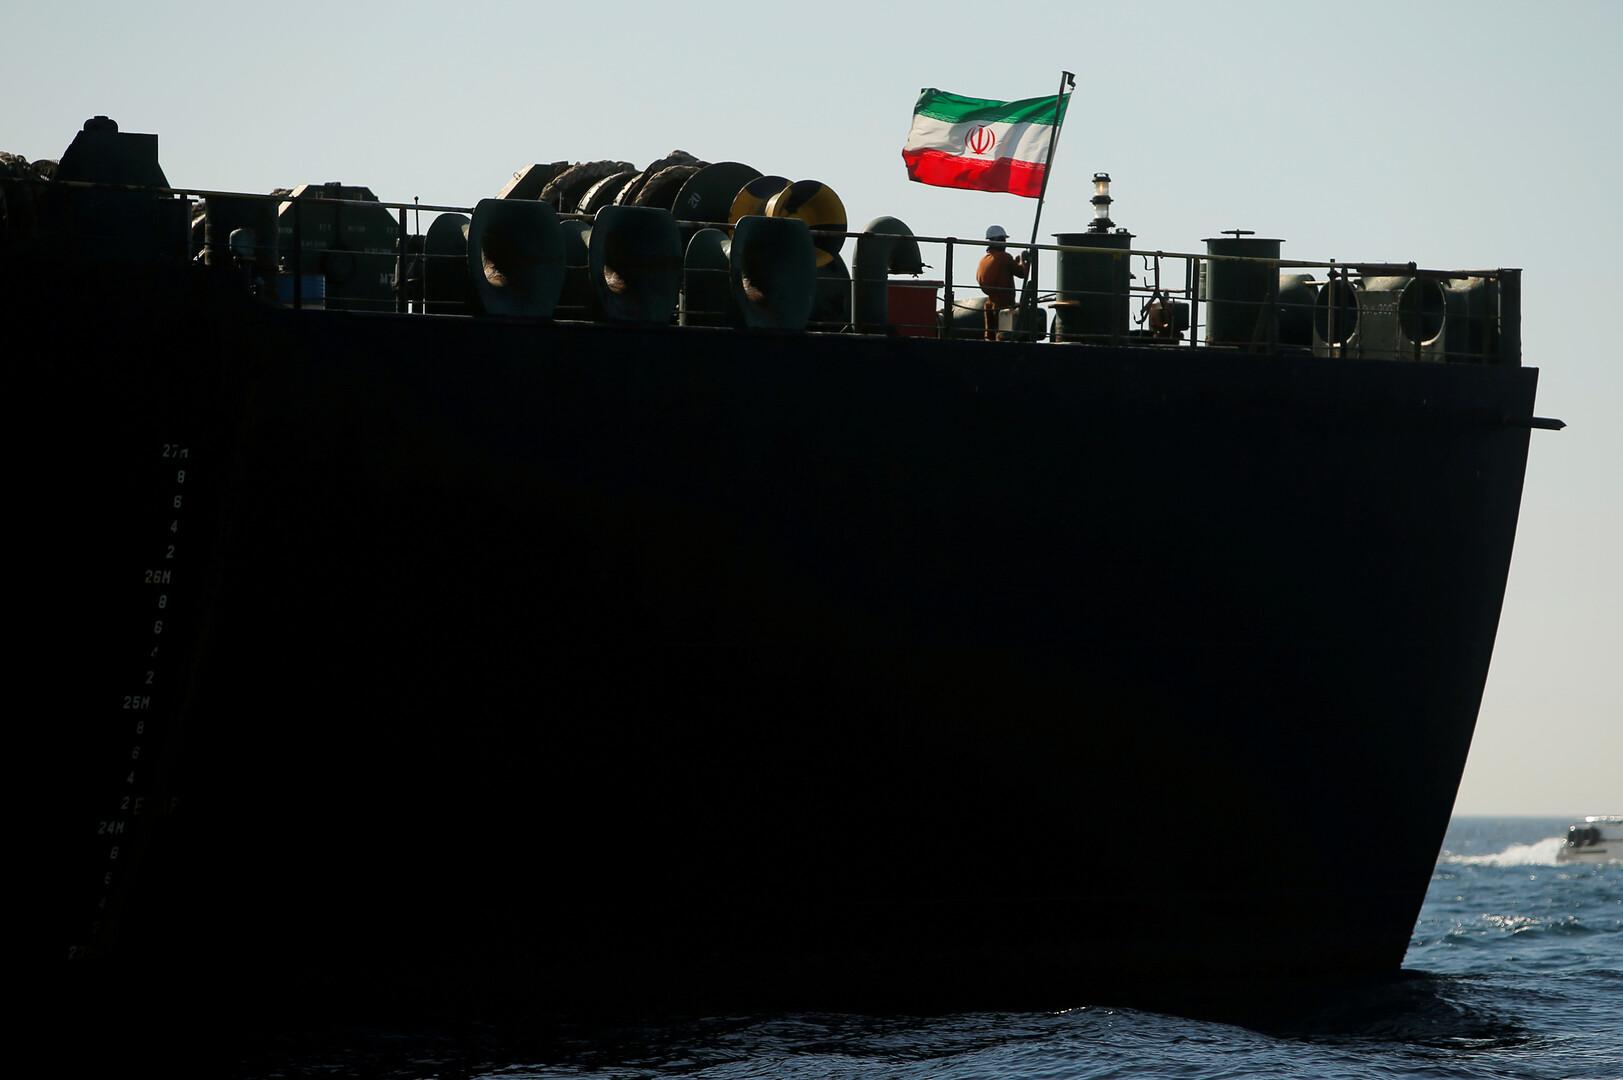 طهران: ناقلتنا وصلت لوجهتها وتم بيع نفطها ونأمل بالإفراج عن السفينة البريطانية قريبا